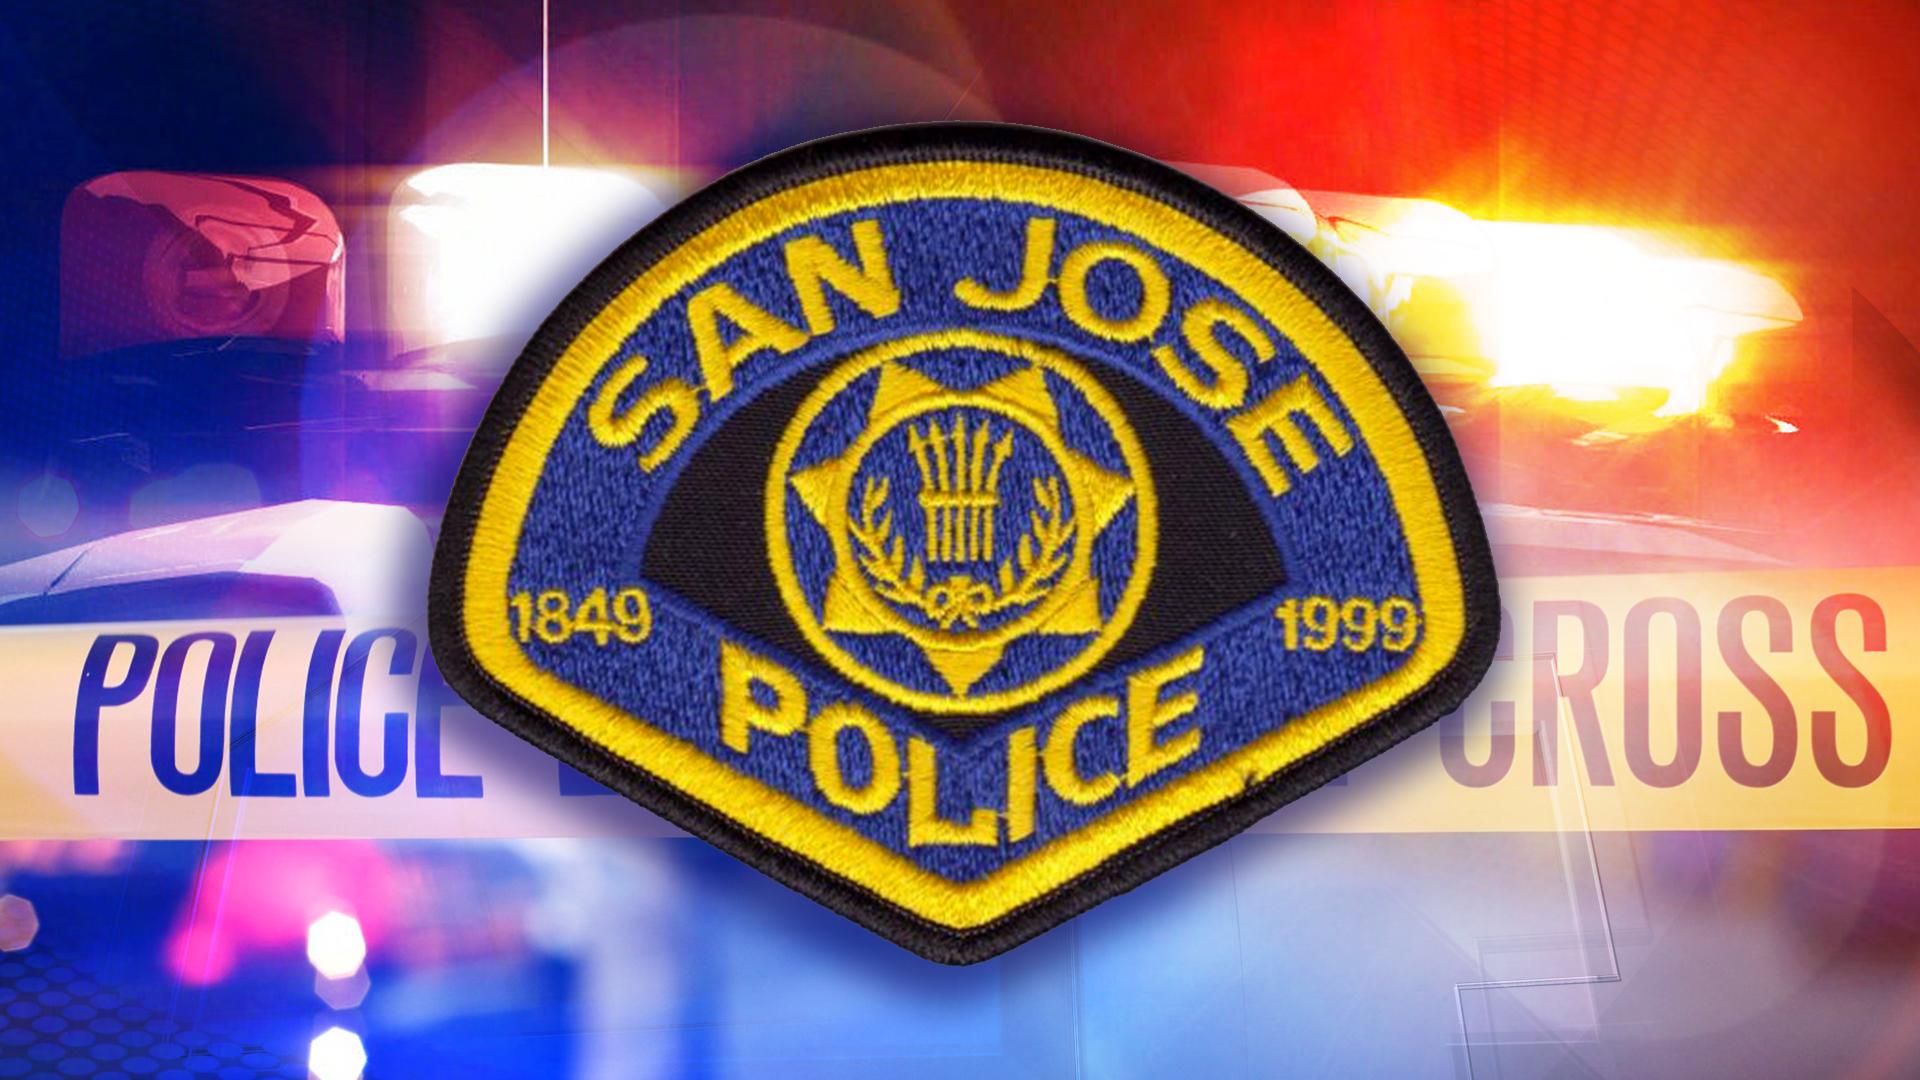 graphic FS Police San Jose police_1523150835547.jpg.jpg